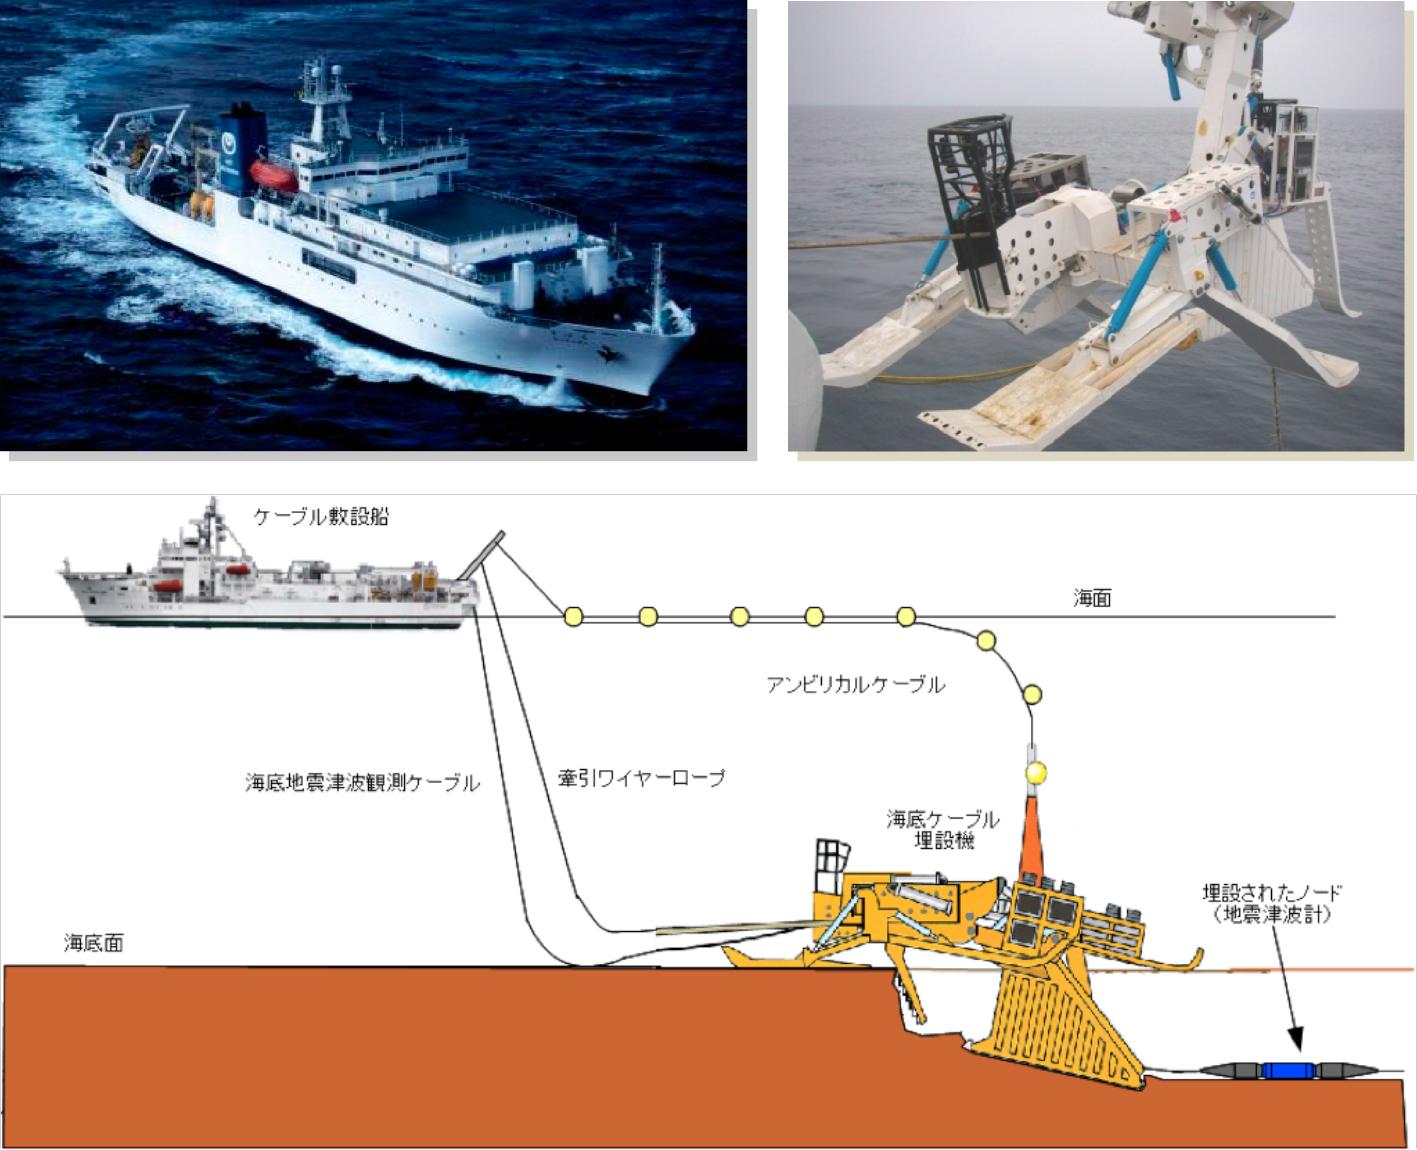 図4. 敷設船と鋤埋設機および敷設同時埋設工法